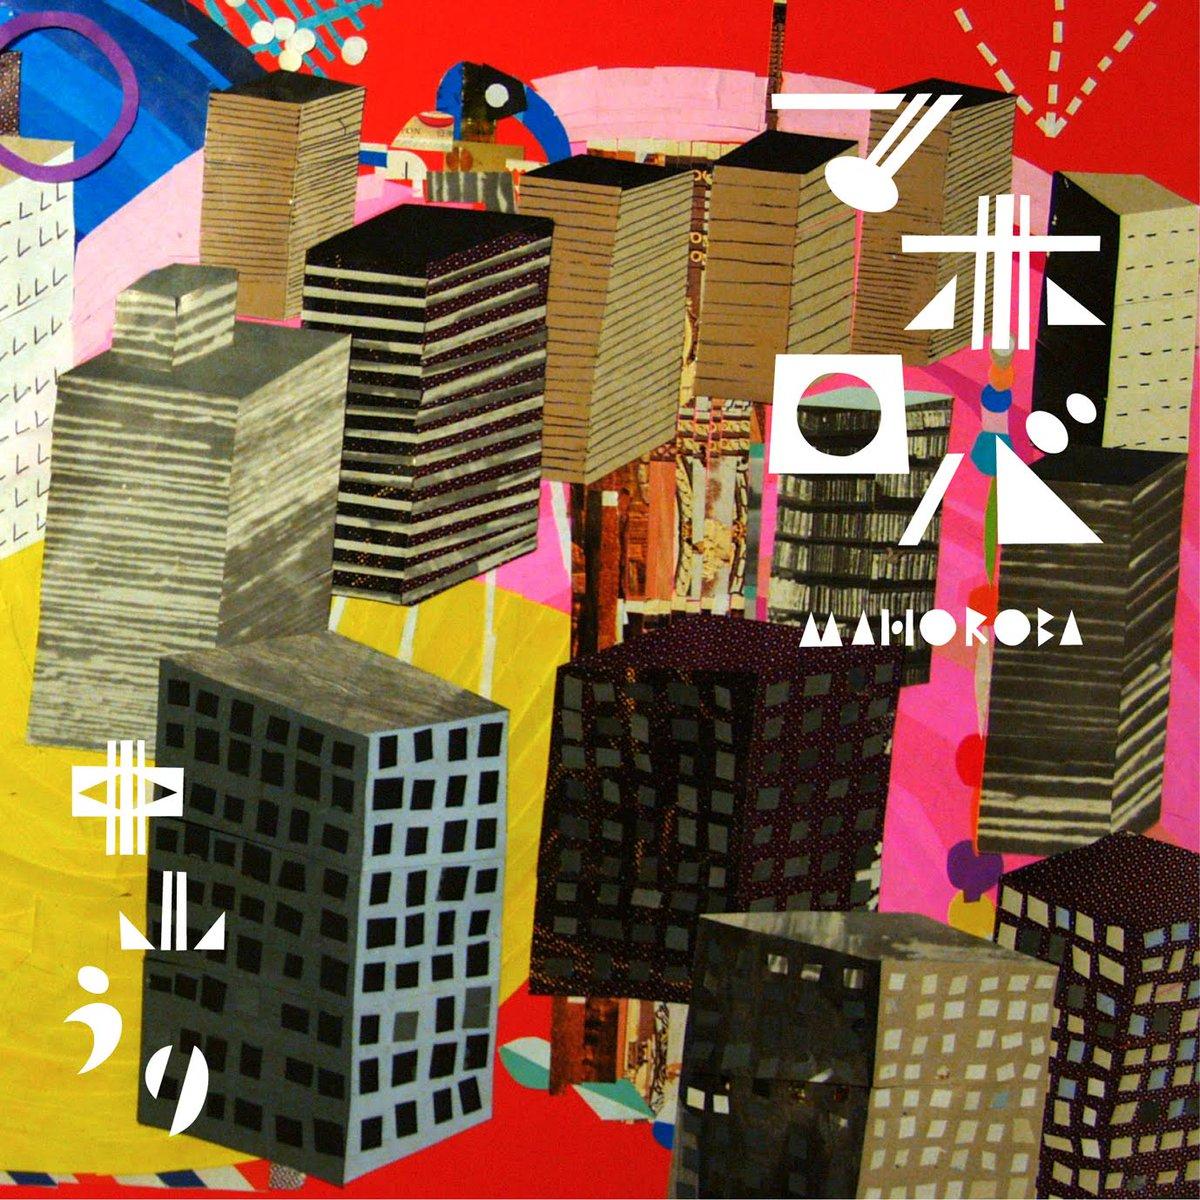 通算9枚目となる中山うりのニューアルバム「マホロバ」がついに完成します。 ライブでおなじみ、ふらふらここ、青春おじいさん、よいよいまほろば、まっしろけ、等、全10曲収録。中山うり作詞曲/税別2500円 ジャケット:土屋萌児  続く! https://t.co/CtrDqxXkeq